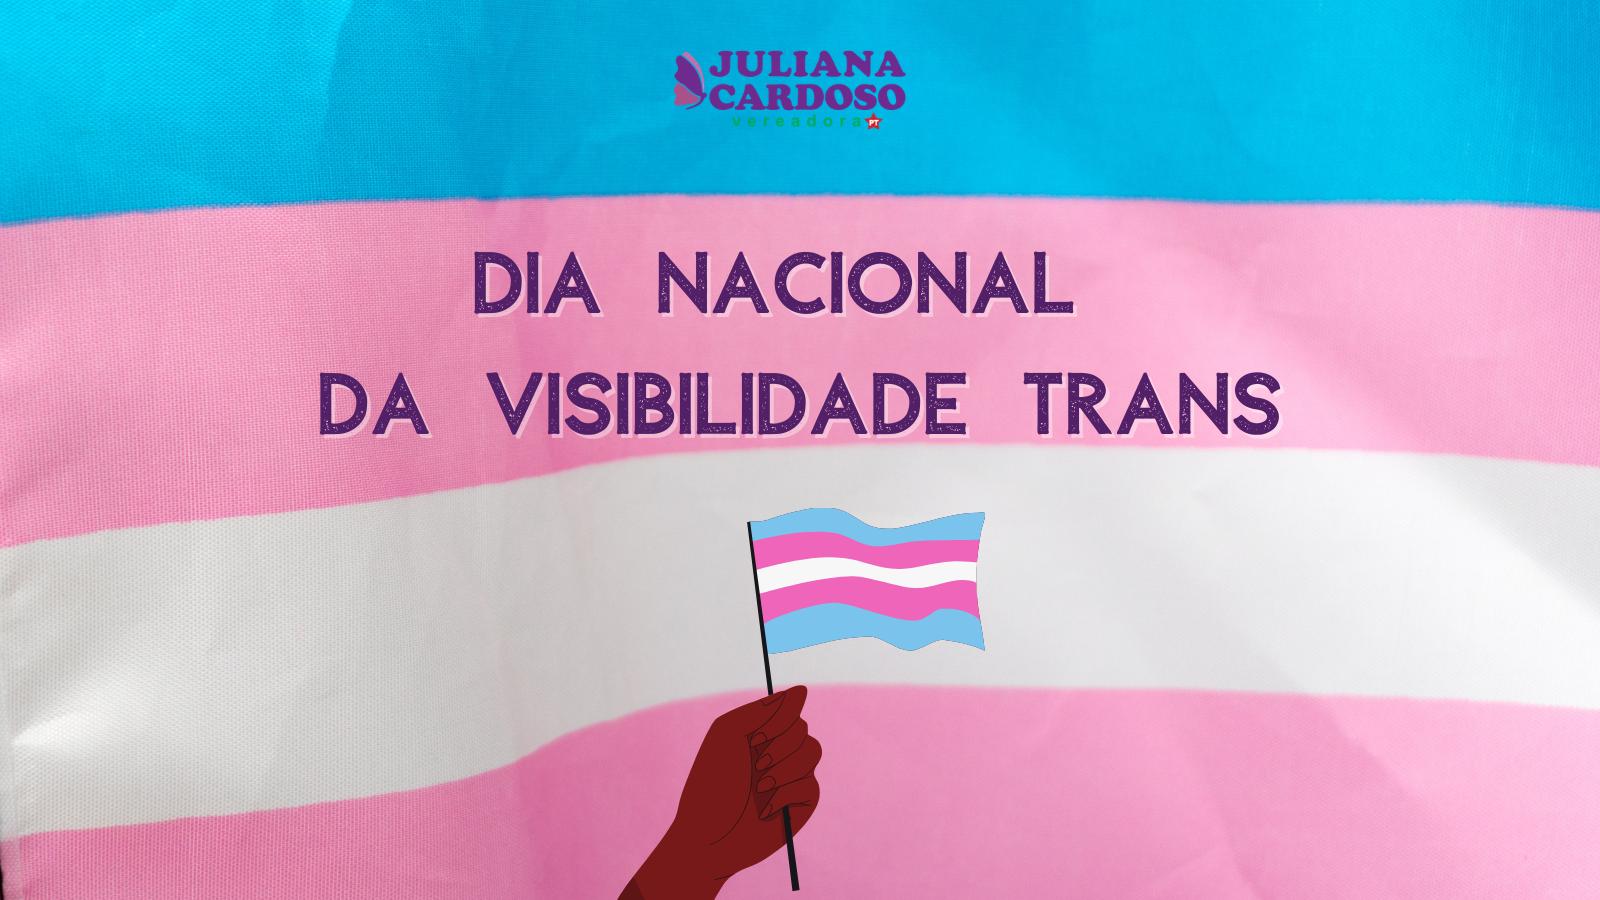 Dia Nacional da Visibilidade Trans